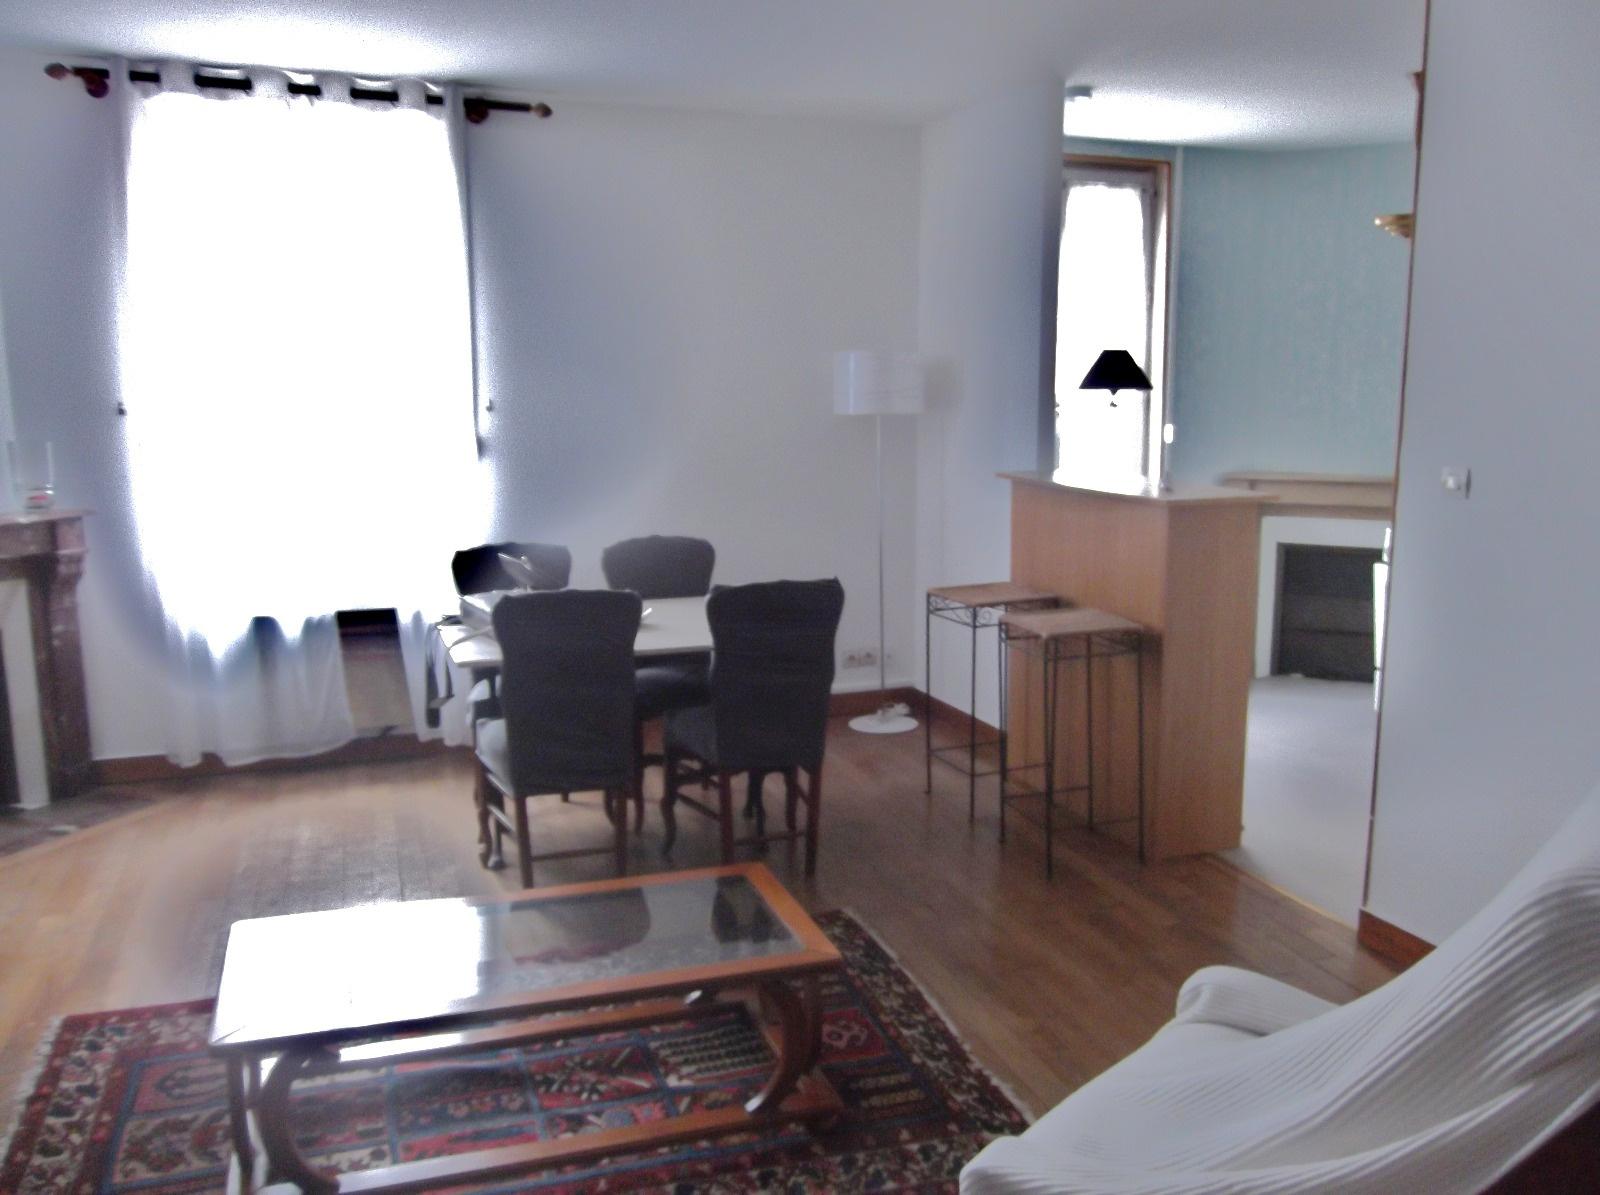 Location Nevers Centre Appartement T 3 4 Avec Meubles